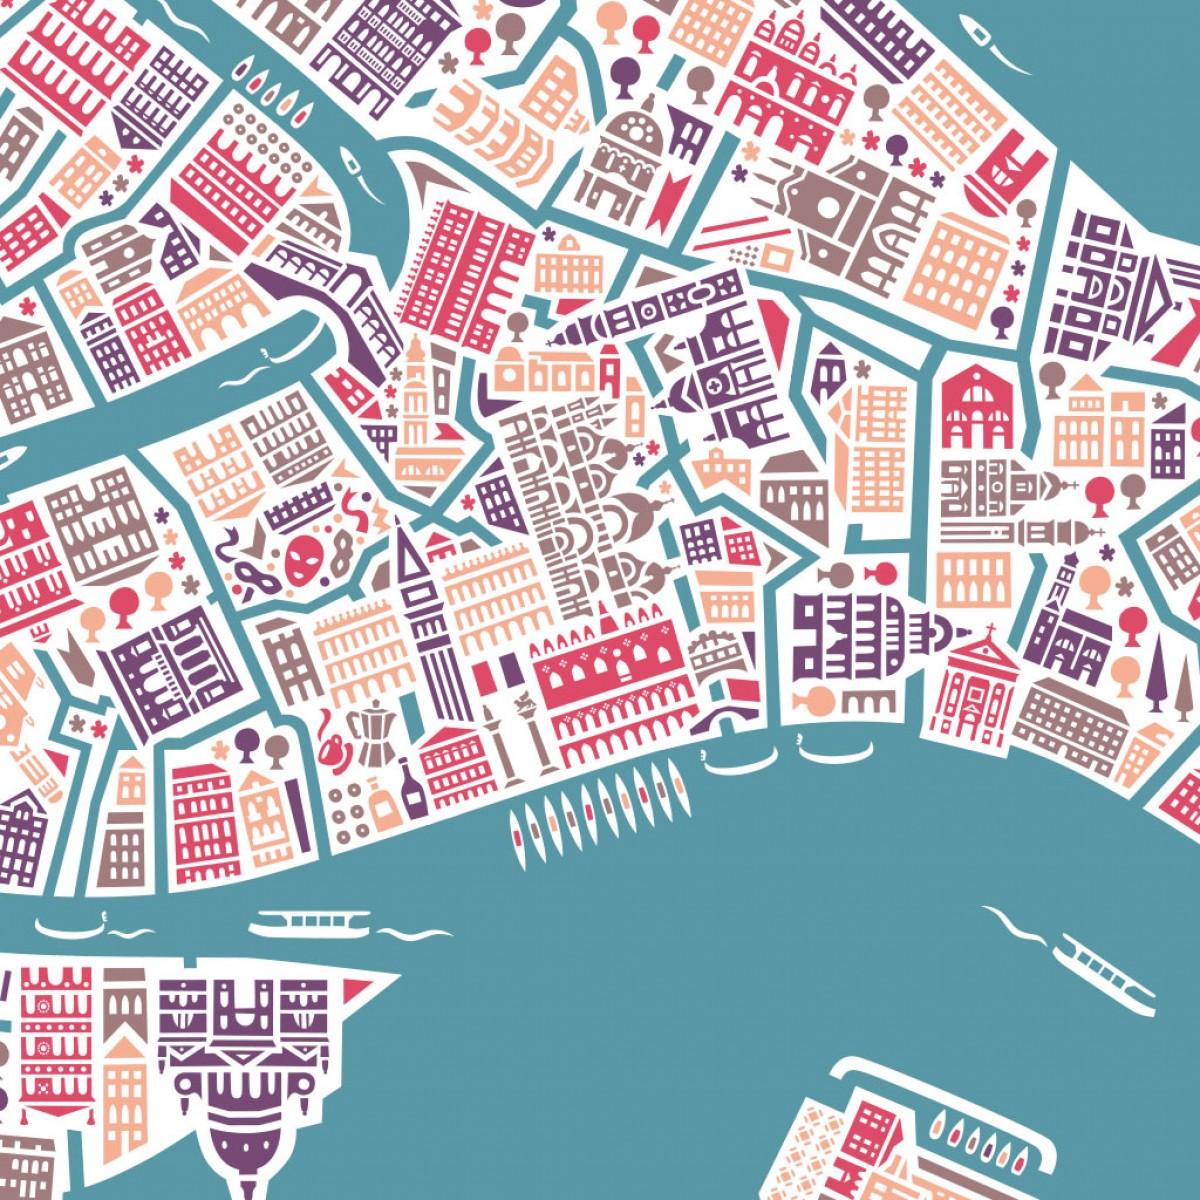 Vianina Venedig Poster 70x50